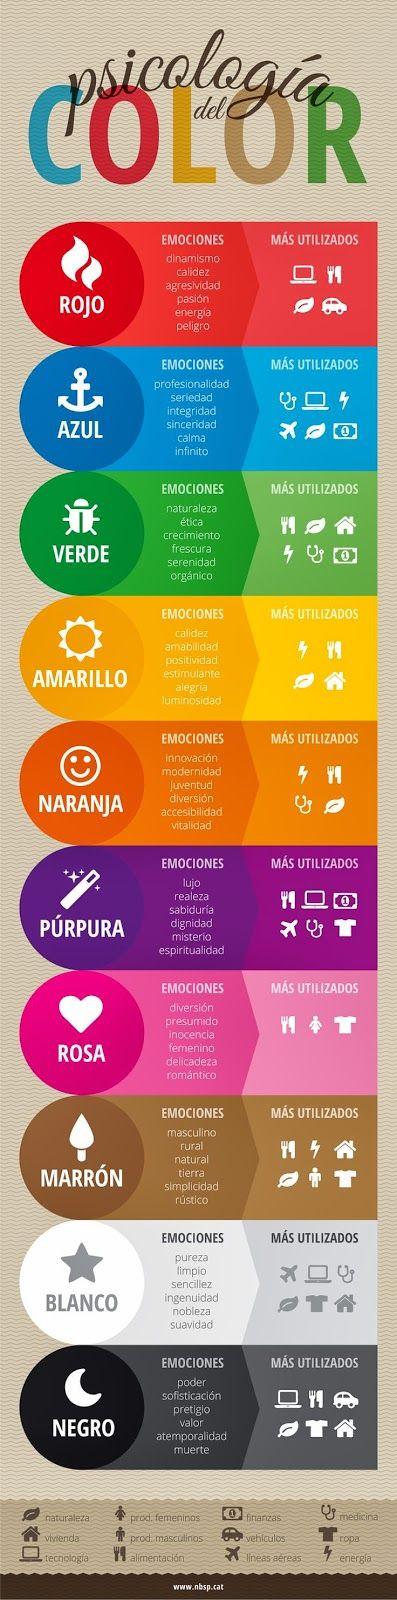 Oratio Orientation: PsicologíA Del Color.